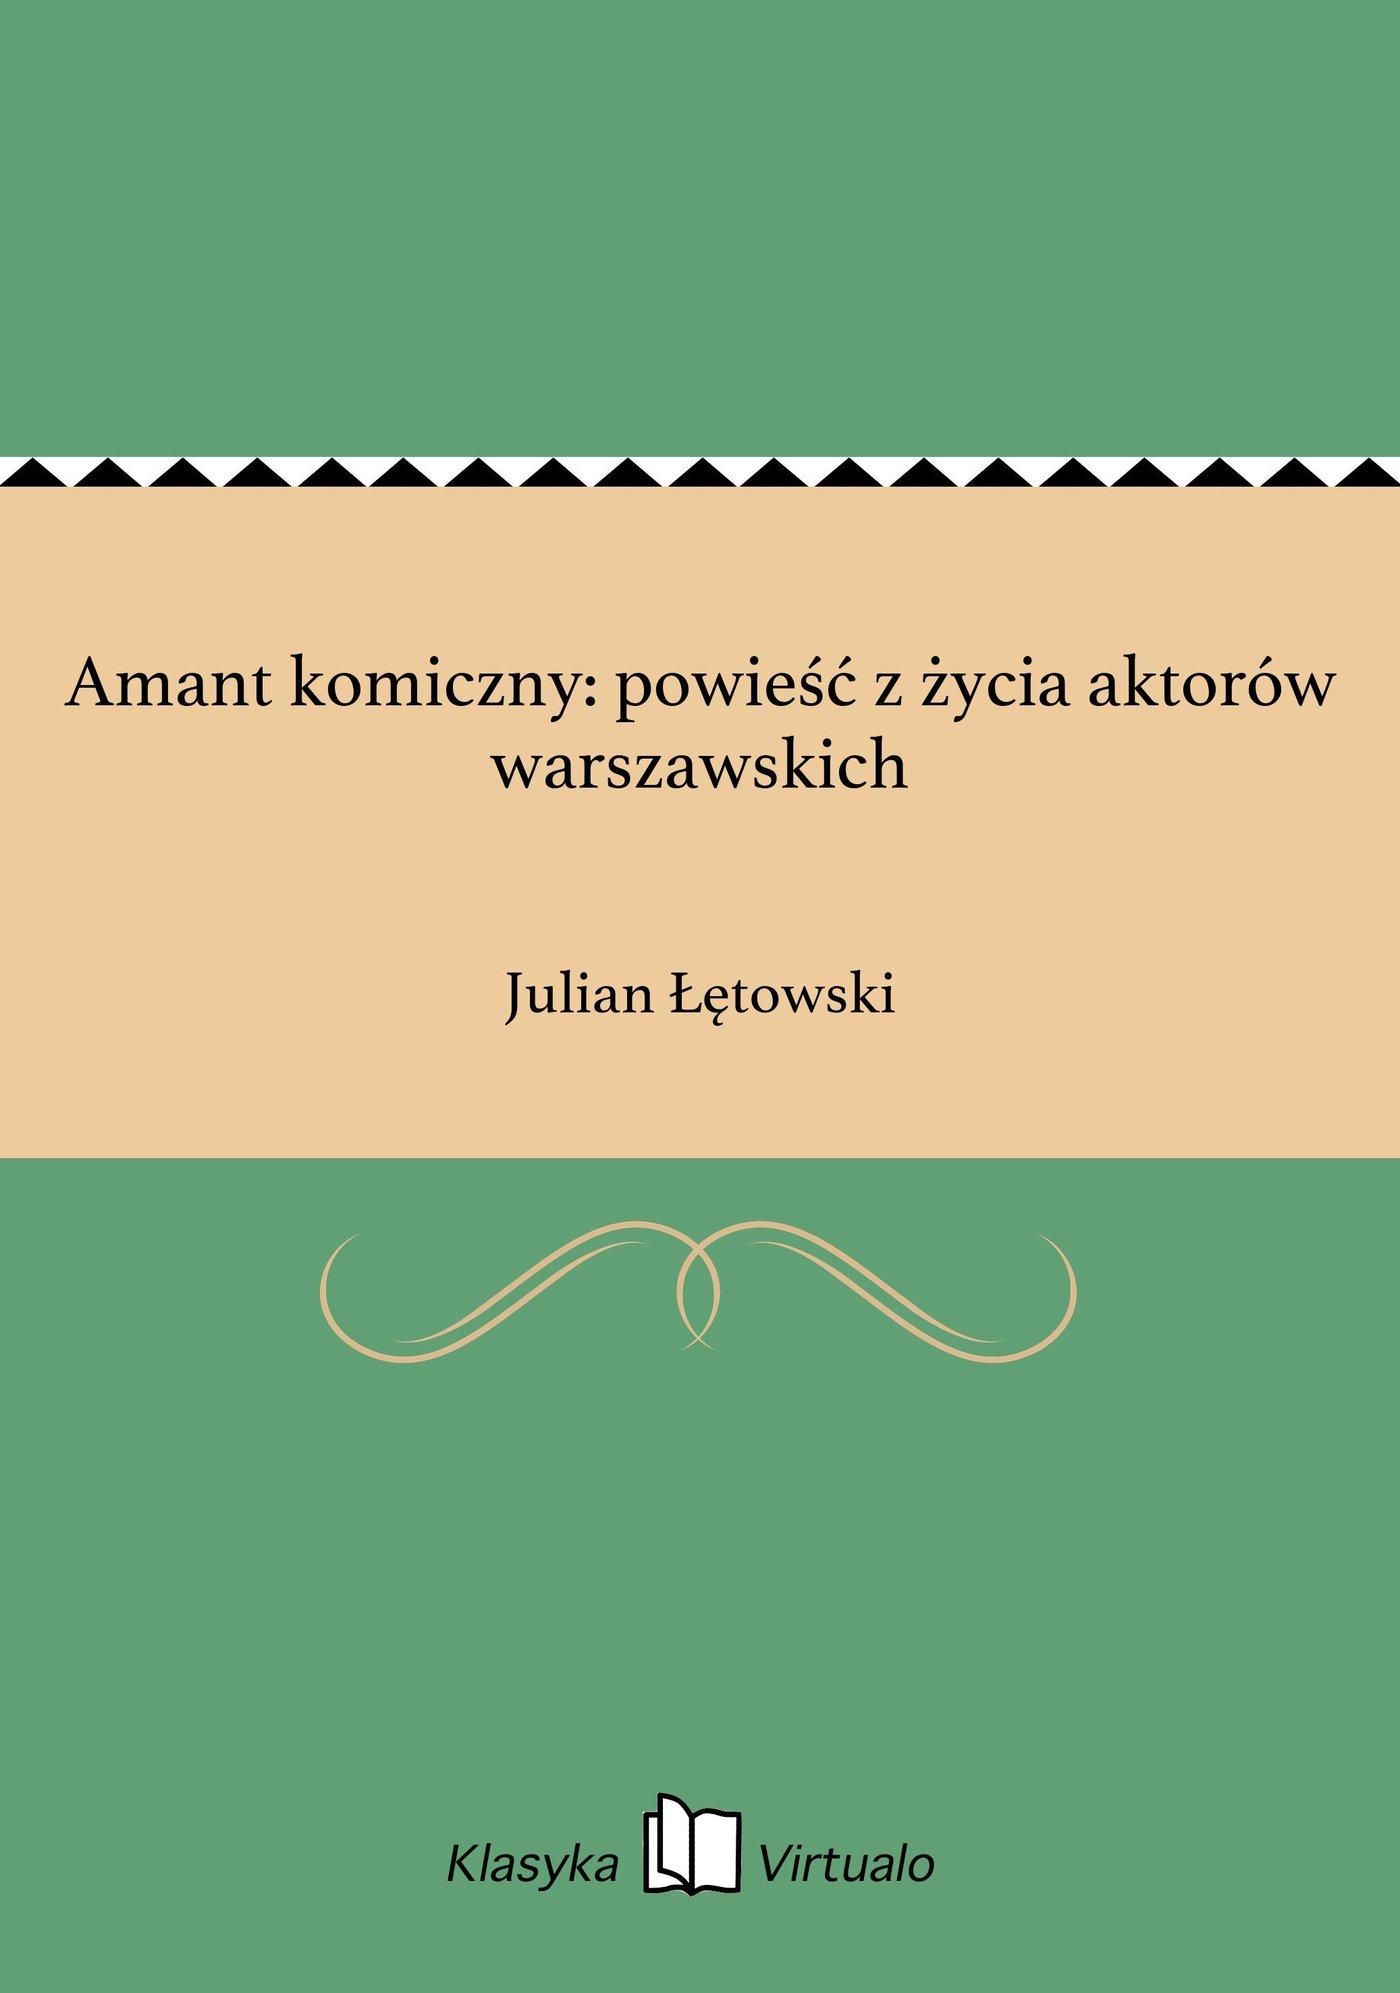 Amant komiczny: powieść z życia aktorów warszawskich - Ebook (Książka EPUB) do pobrania w formacie EPUB